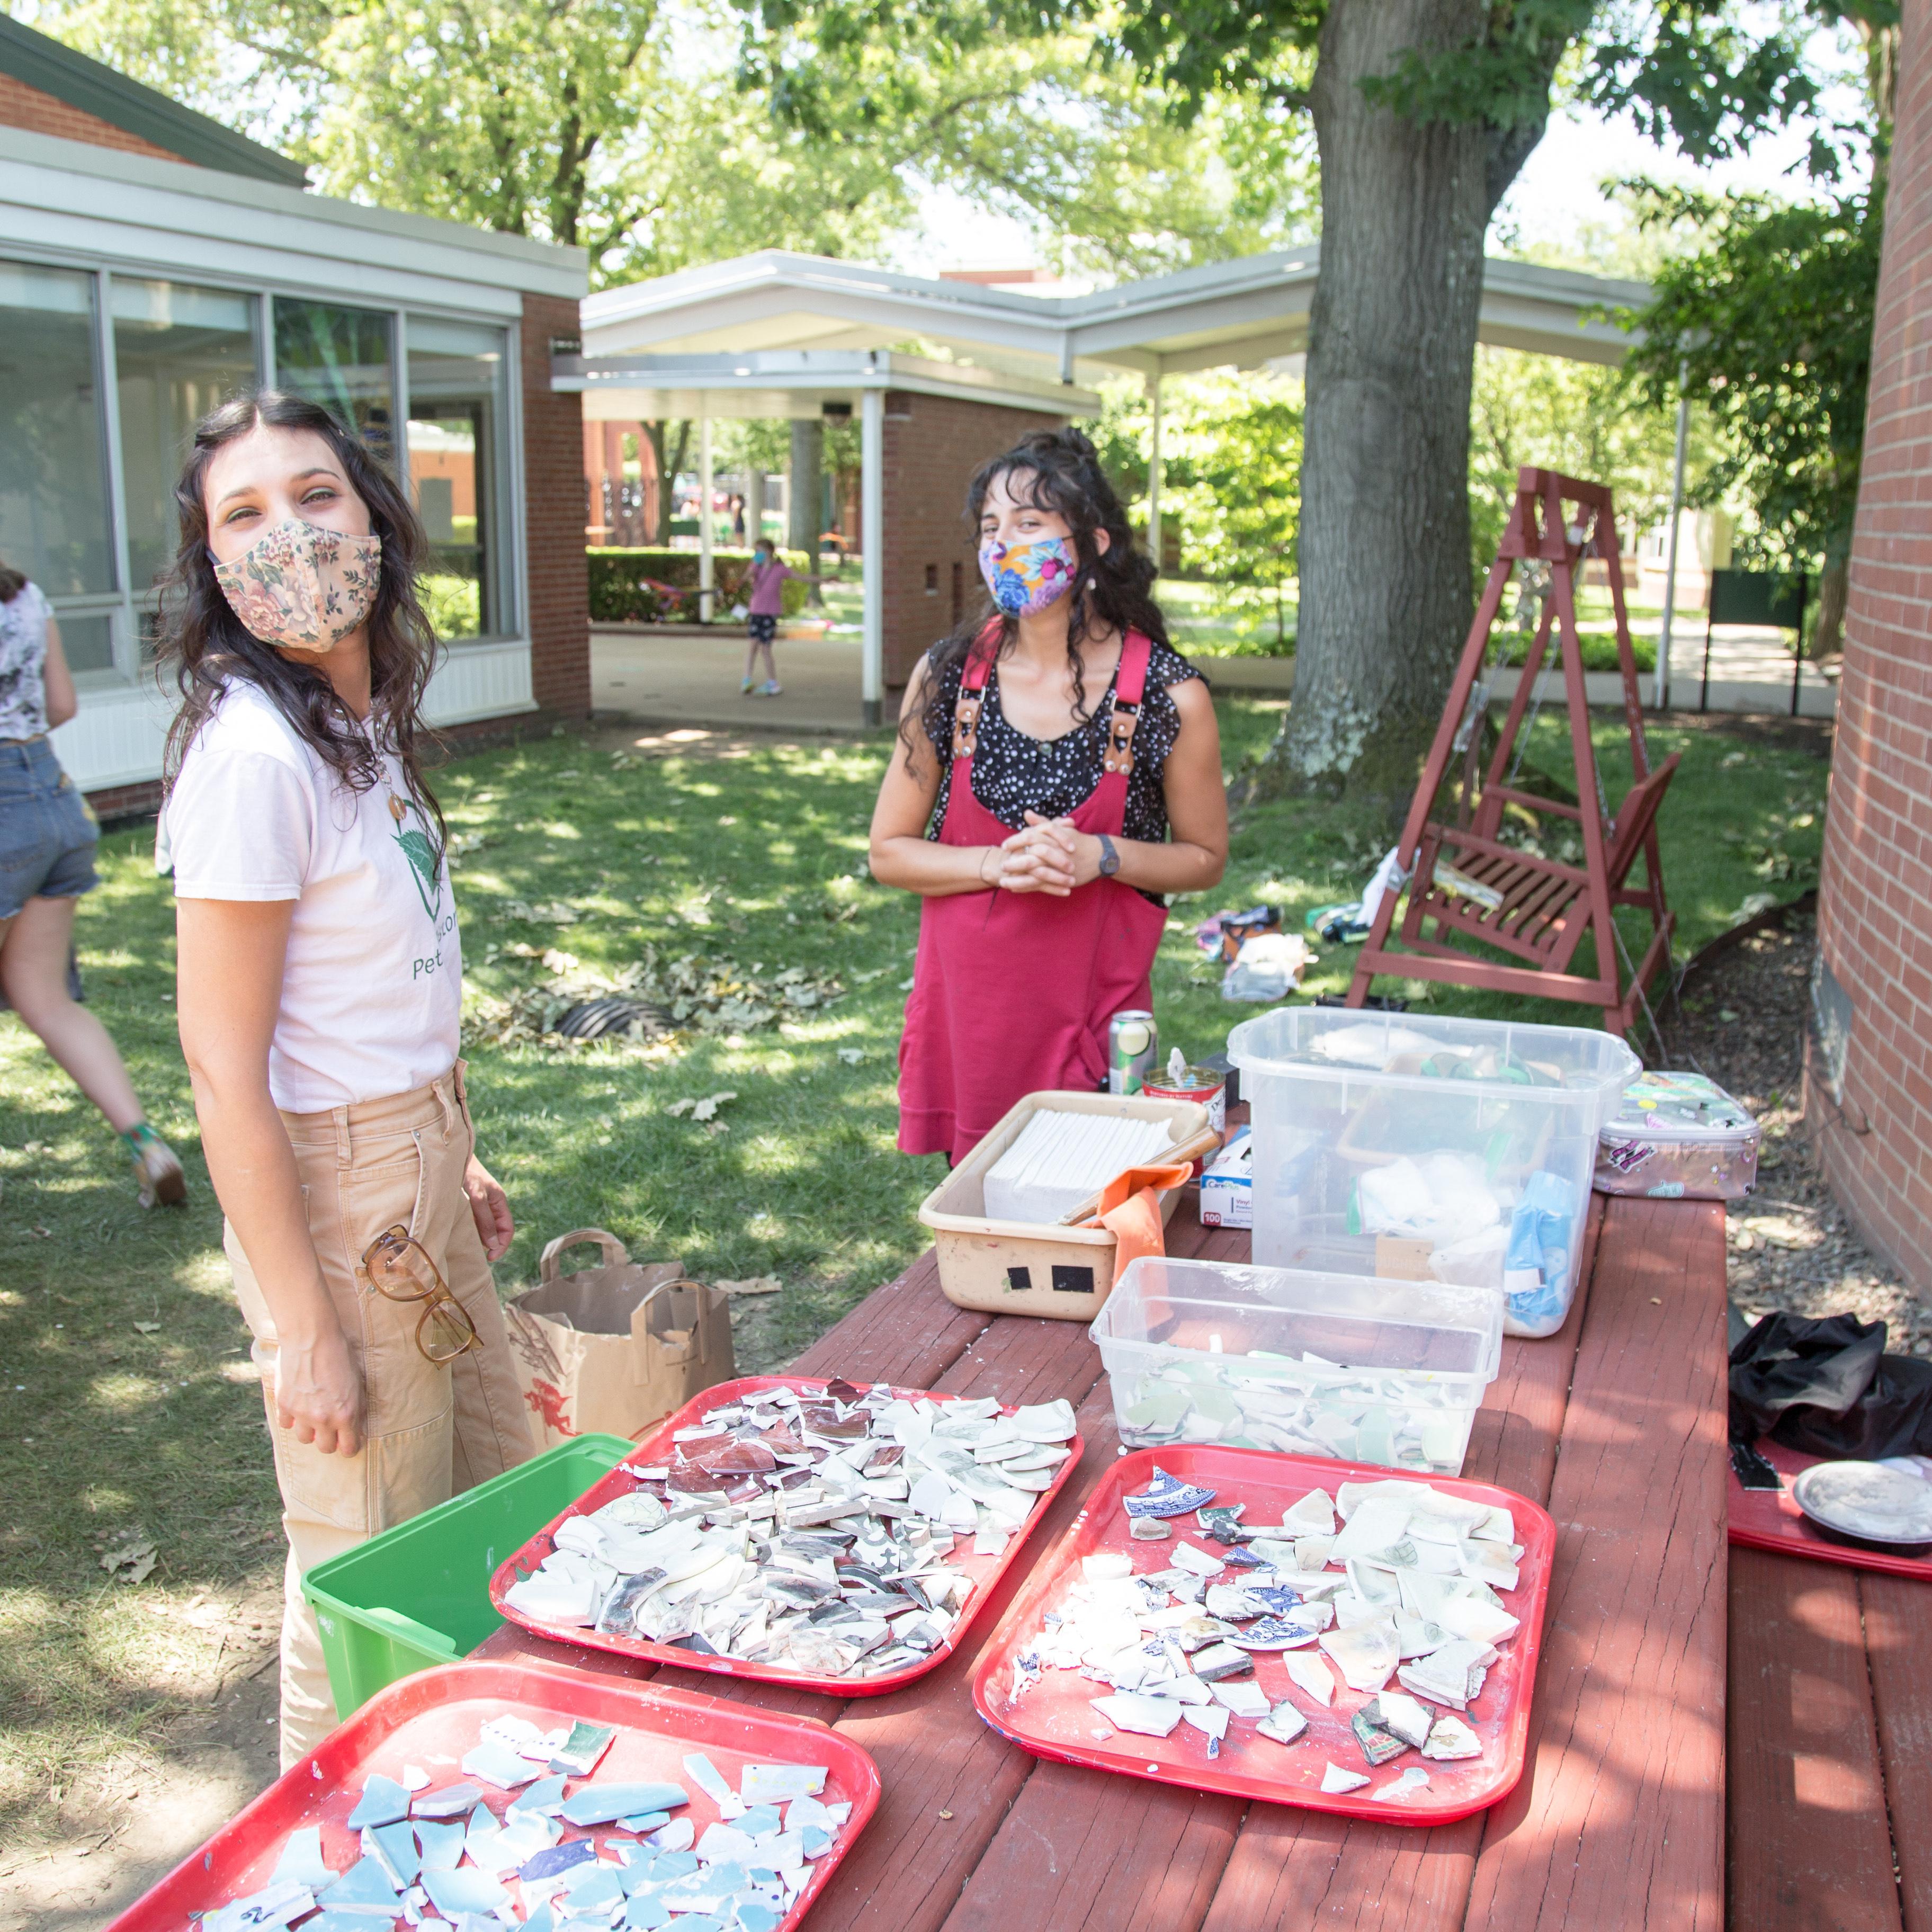 mosaic making at school